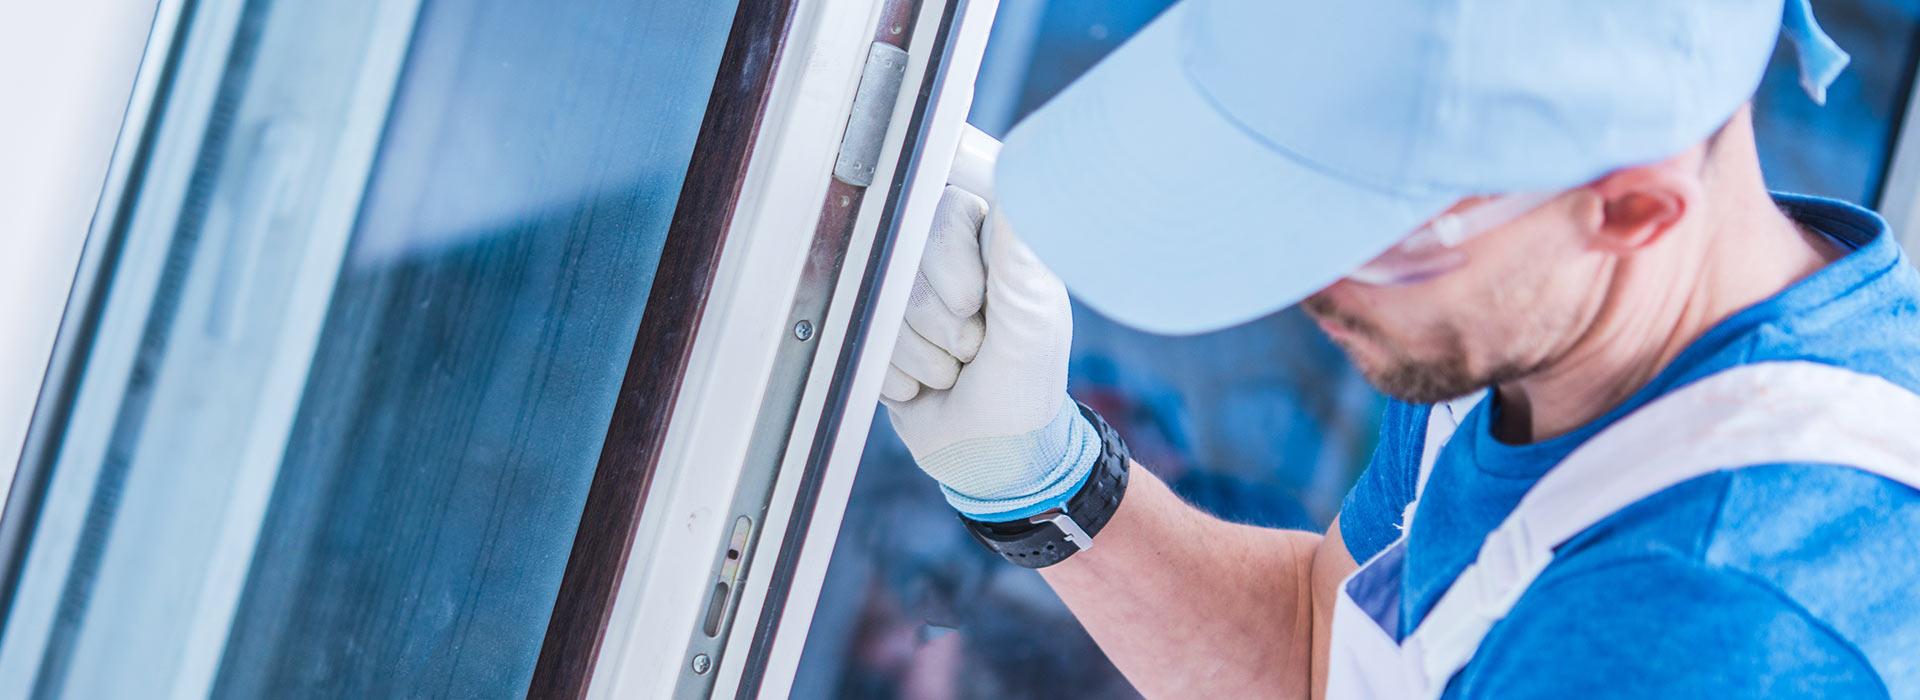 Ajtó ablak csere és javítás